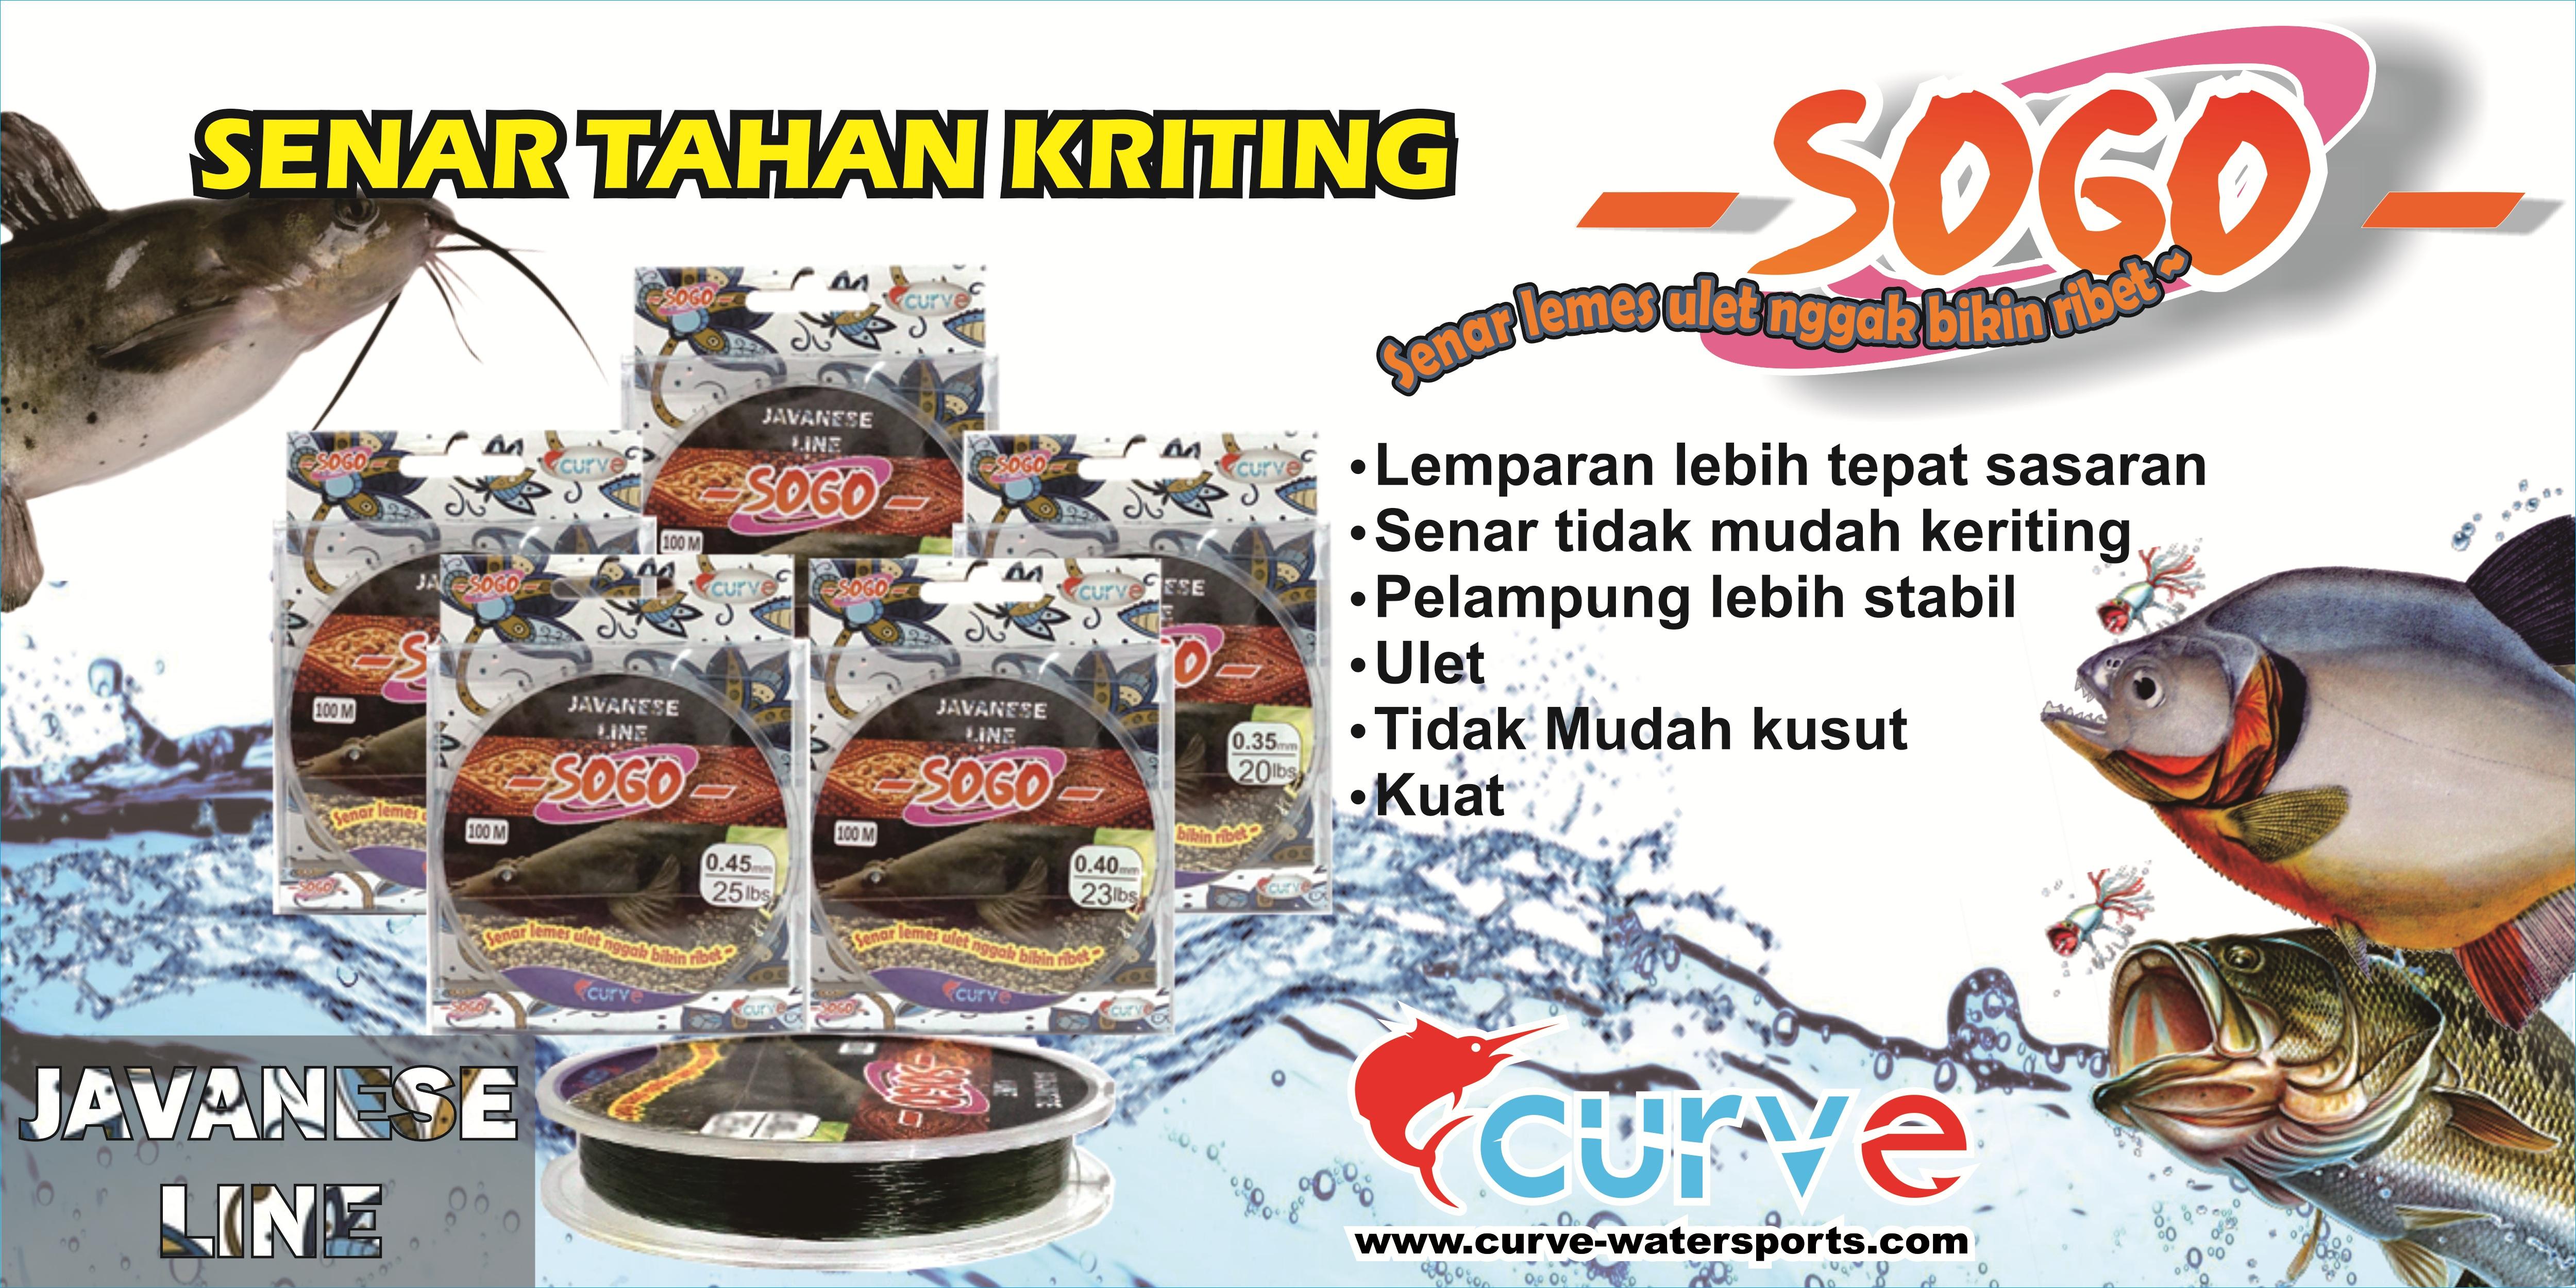 Toko Pancing LanggengPancing, 0821 383 01234, Toko Pancing, Grosir Pancing, Alat pancing 2